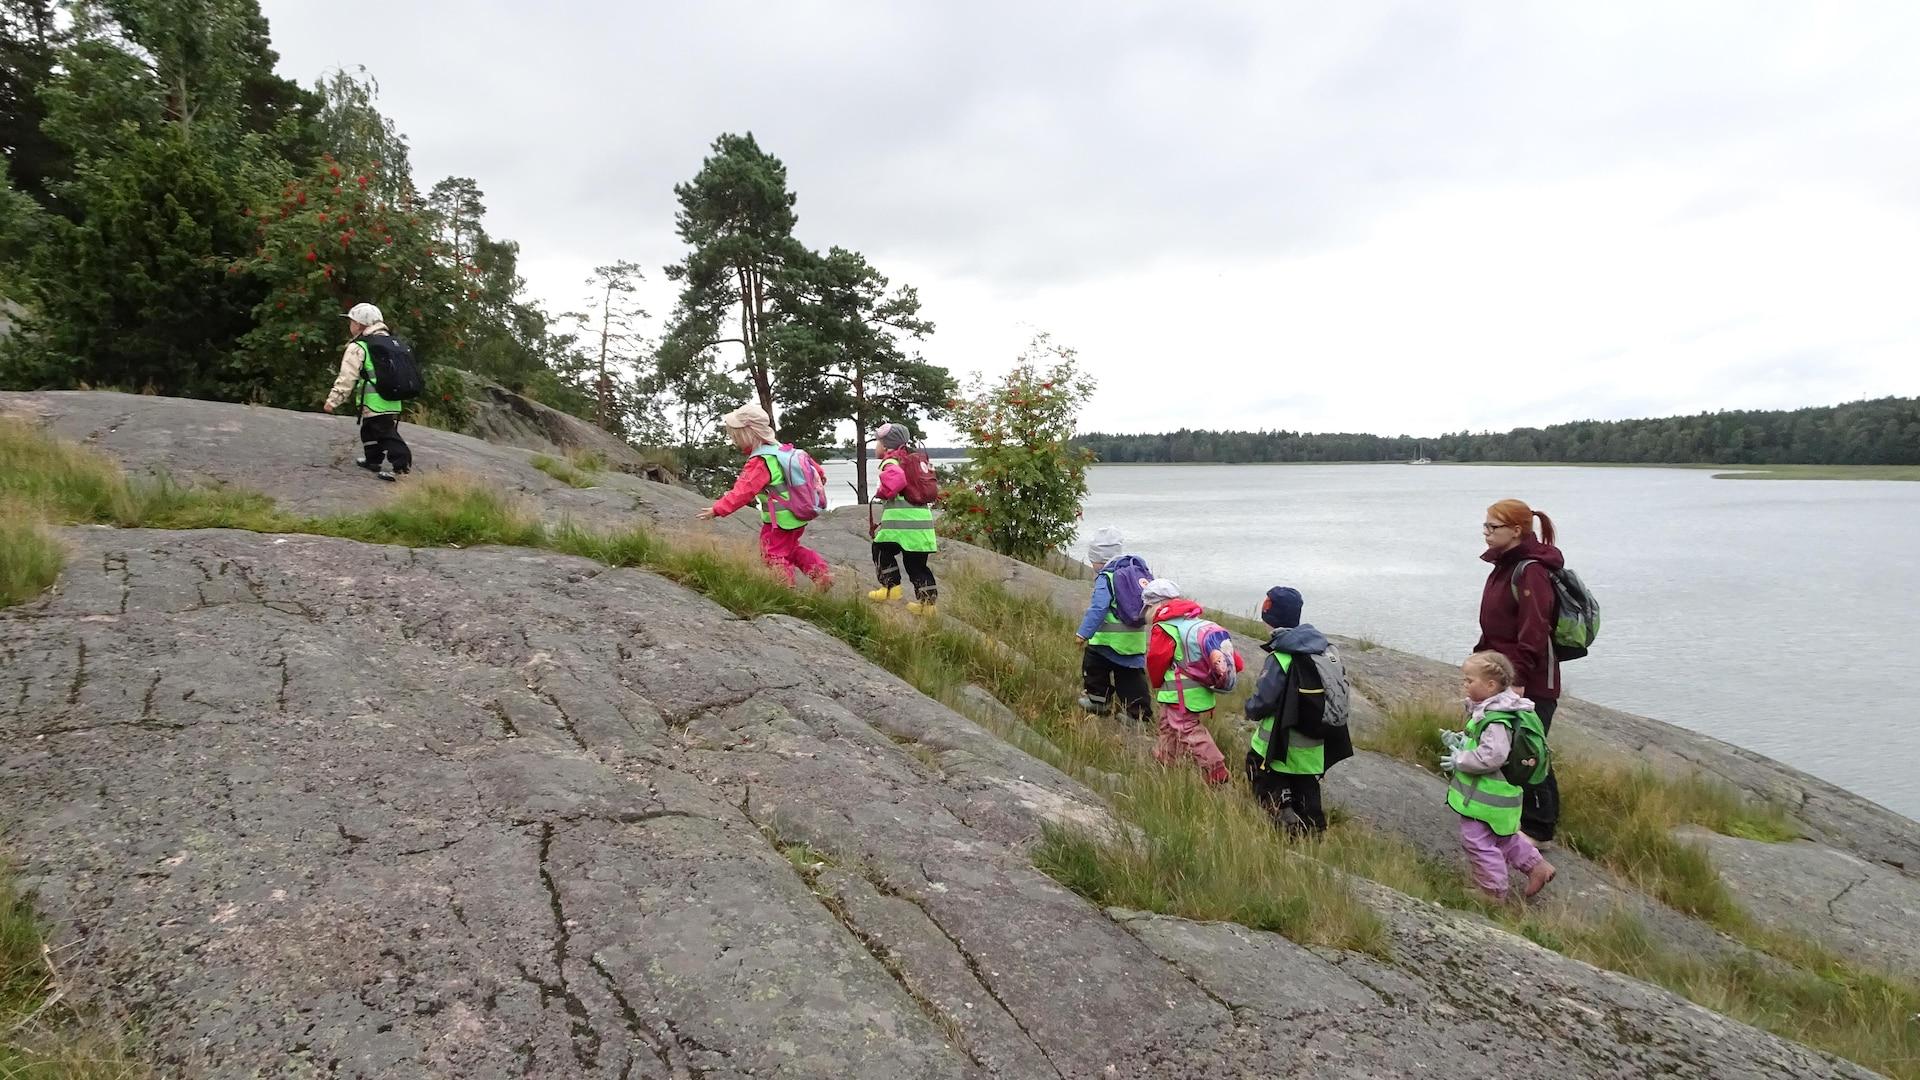 Des enfants marchent dans la nature.